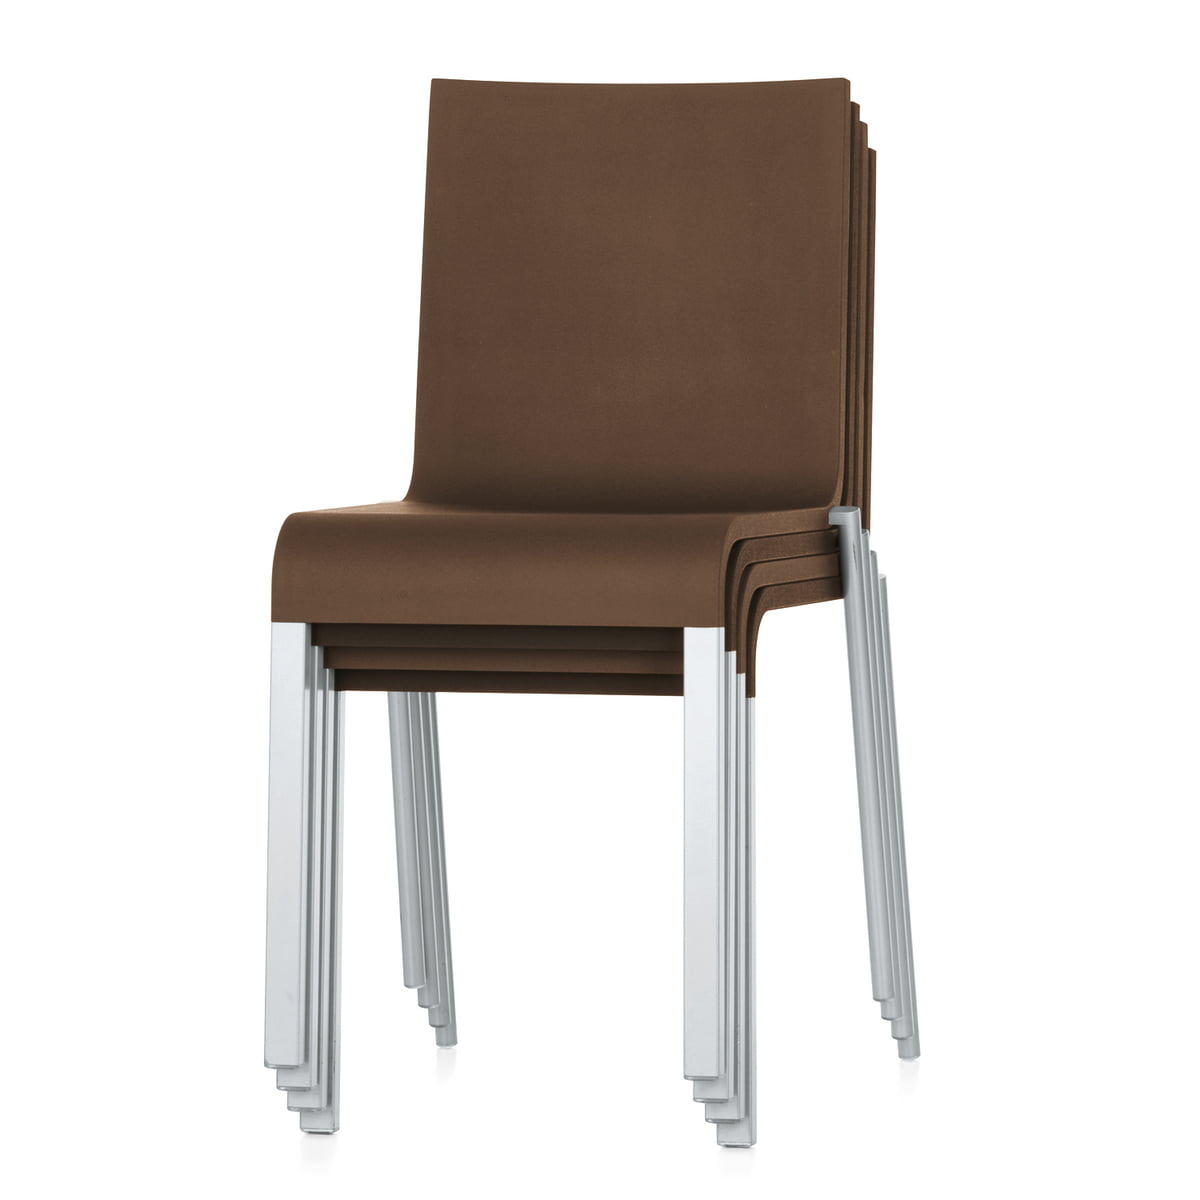 Vitra stuhl 03 bei entdecken for Vitra stuhl kopie